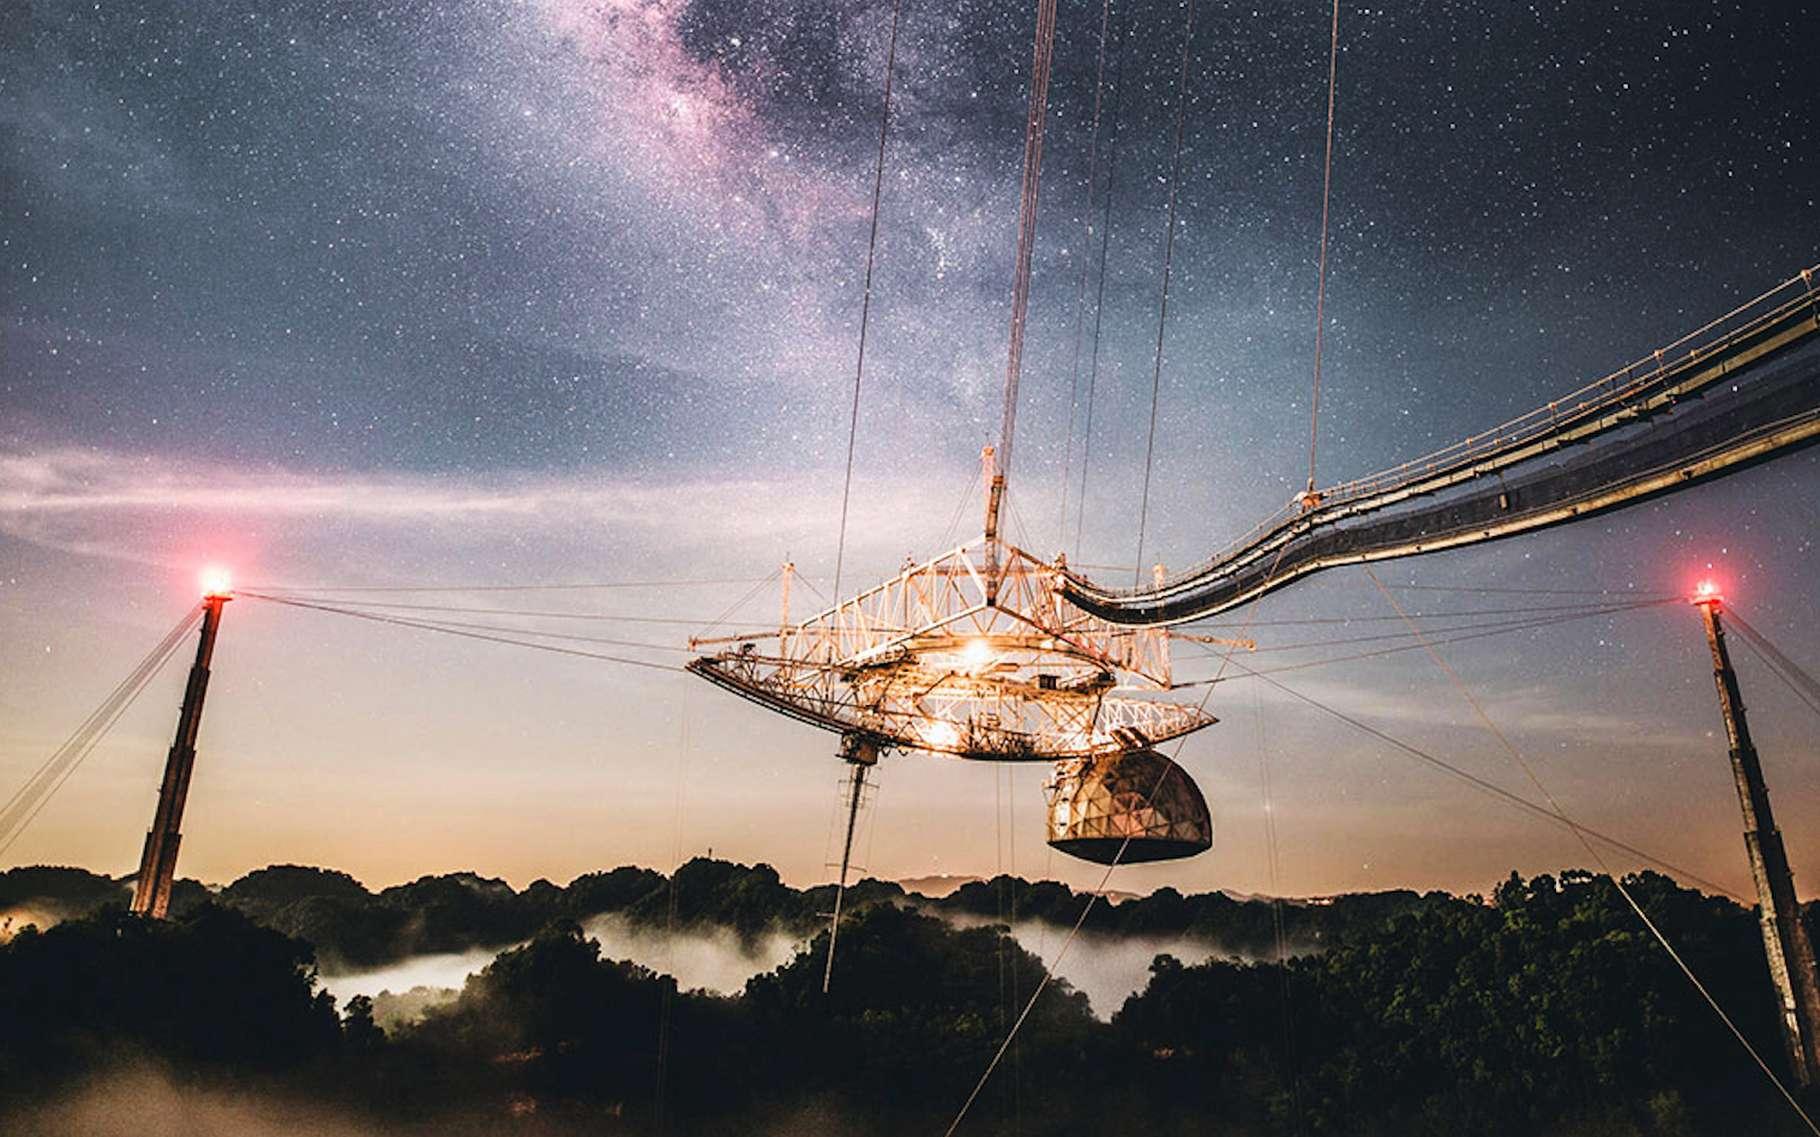 Le radiotélescope d'Arecibo, le 4 août 2020, juste avant la rupture du premier câble de support. © Université de Floride centrale